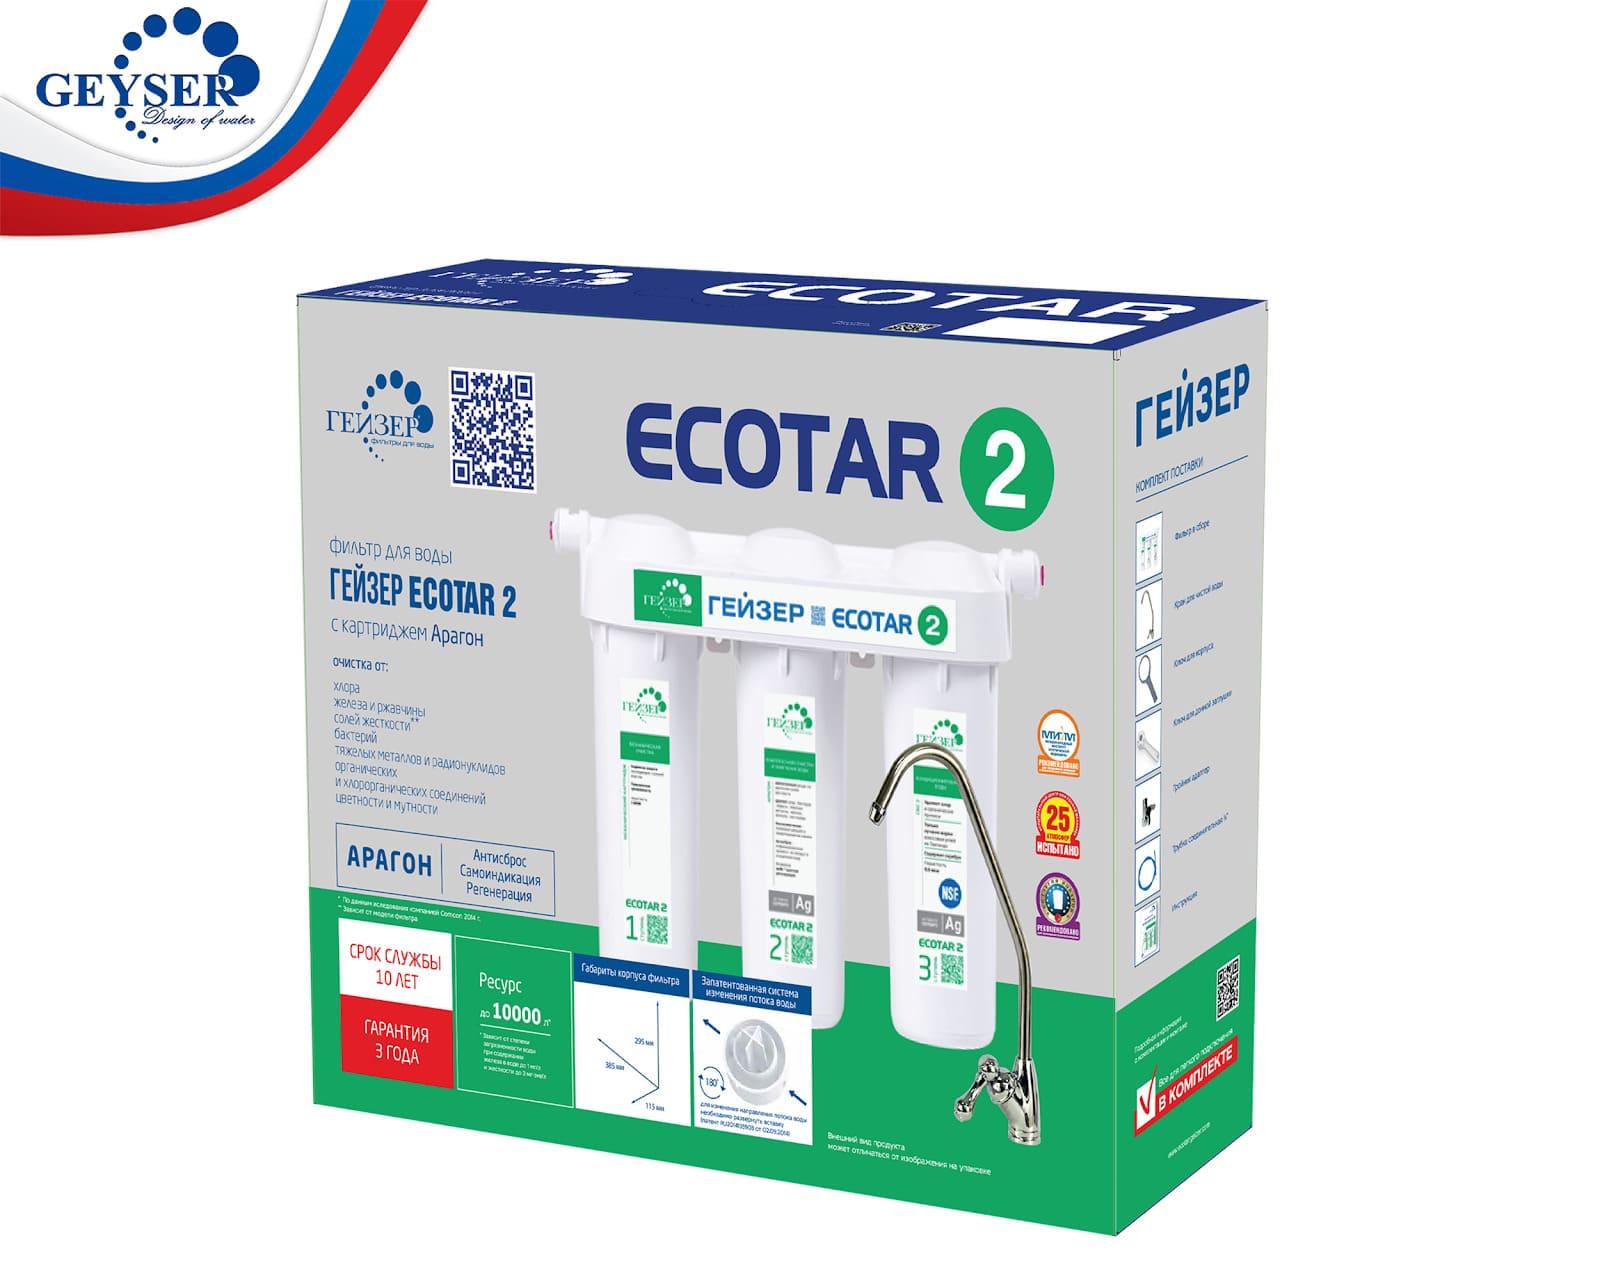 Vỏ hộp máy lọc nước Geyser Ecotar 2 chính hãng